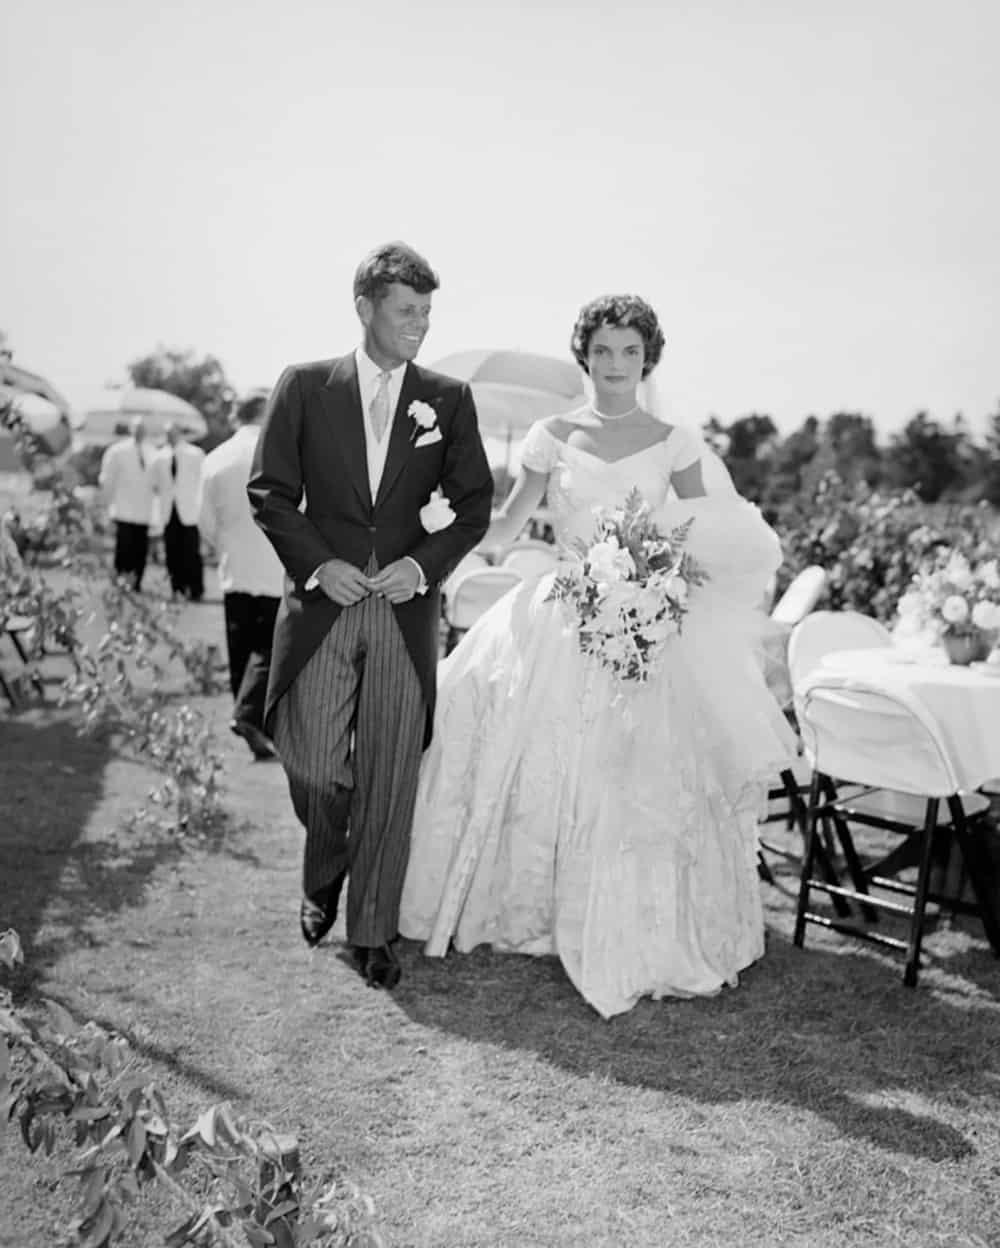 Wedding of Jacqueline Kennedy.